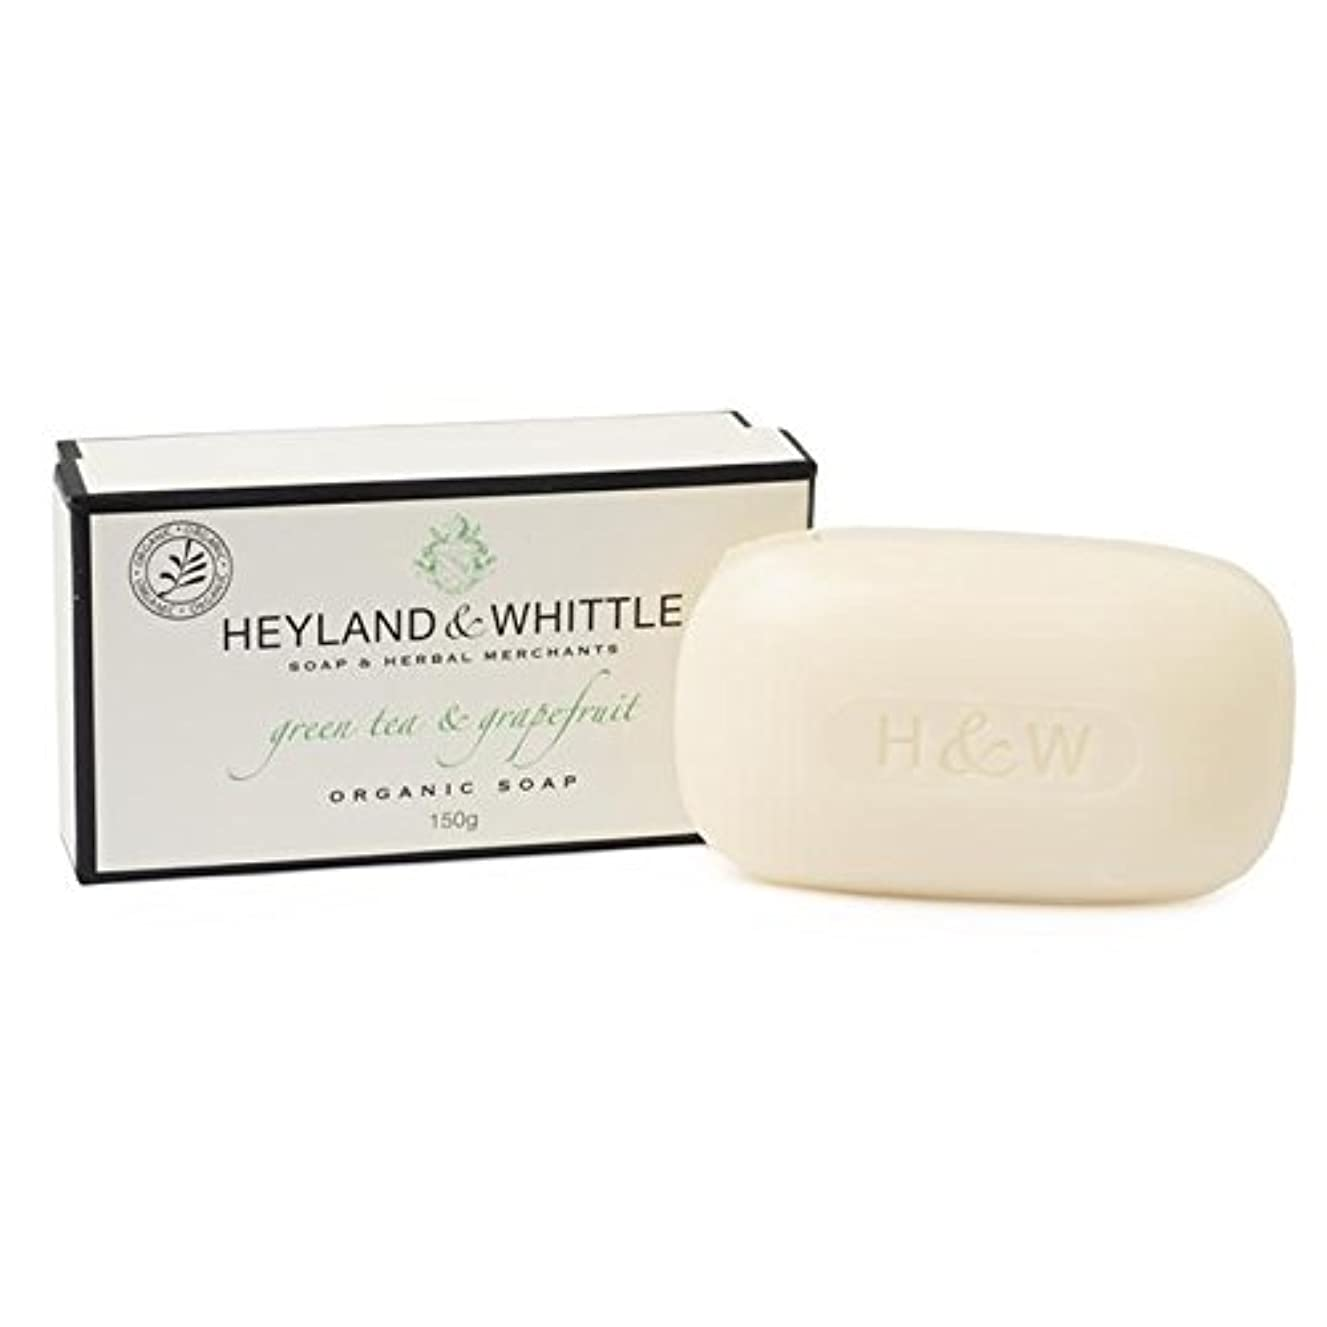 怒っている評決ハンドブックHeyland & Whittle Green Tea & Grapefruit Boxed Organic Soap 150g (Pack of 6) - &削る緑茶&グレープフルーツはオーガニックソープ150グラム箱入...